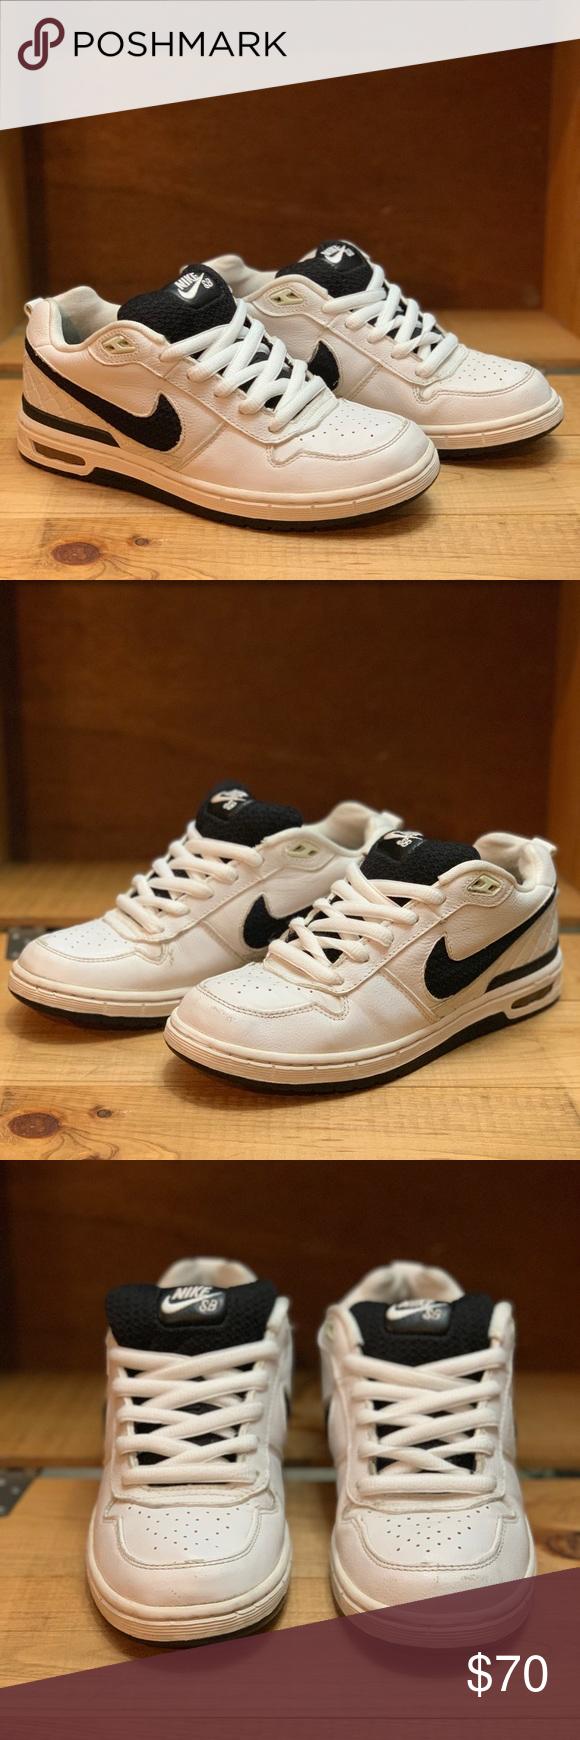 Nike SB Paul Rodriquez Zoom Air Elite Size 6.5 7/10 condition   2005 release.  S…